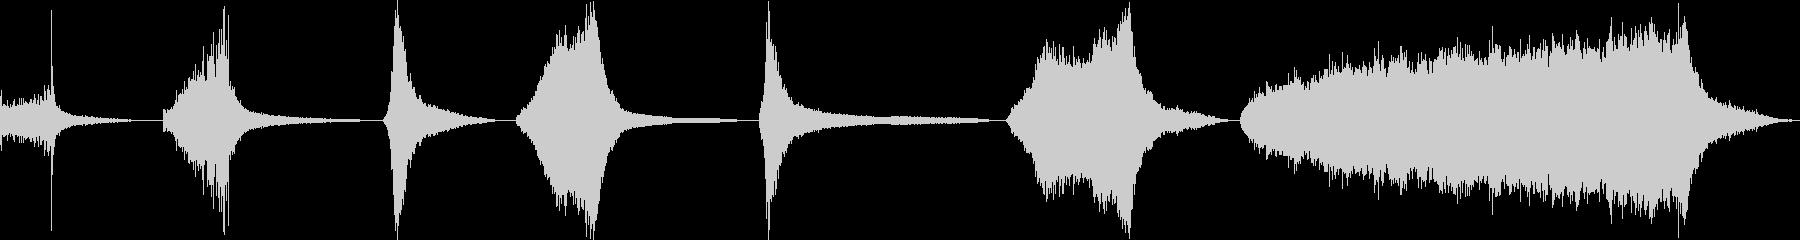 シンバル、ライド、ロール、7バージ...の未再生の波形